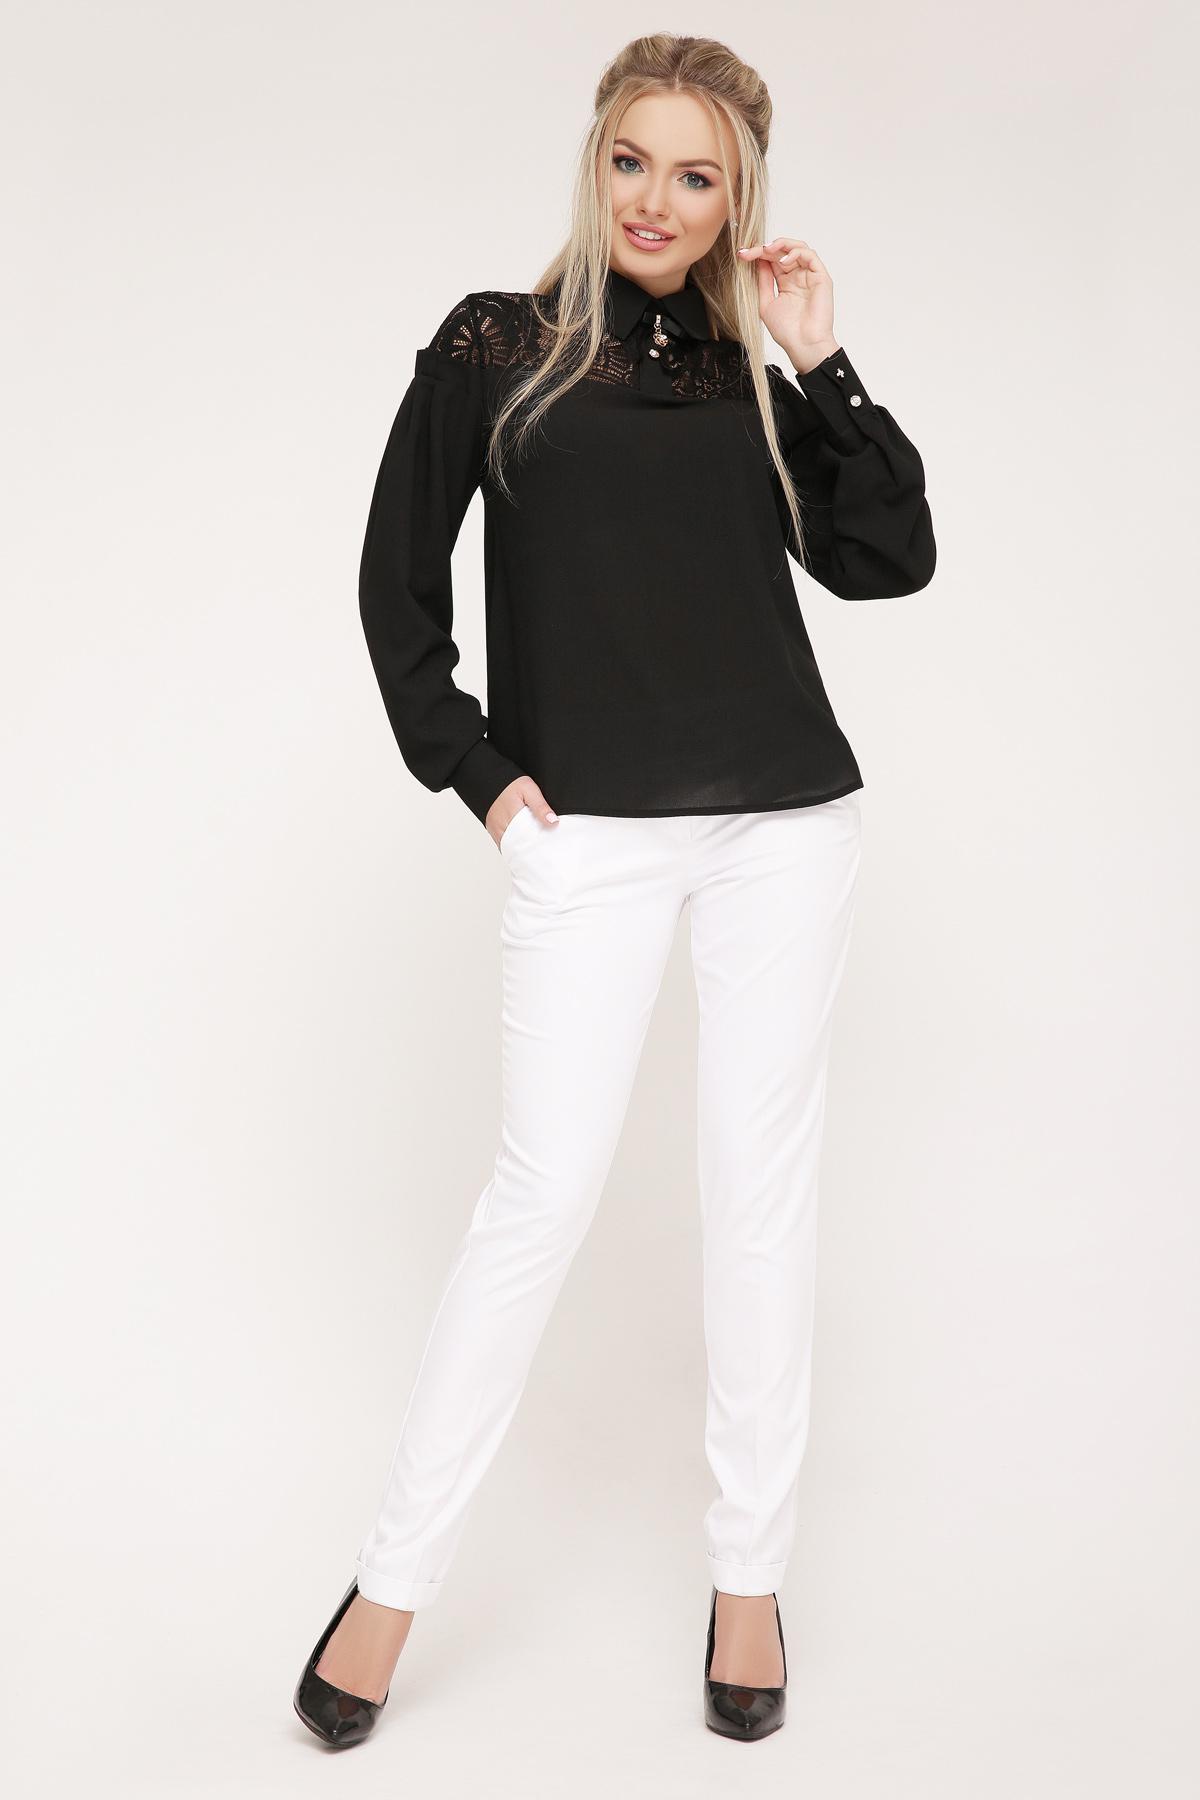 812eb9d47fa свободная блузка черного цвета. блуза Джустина д р. Цвет  черный купить ...